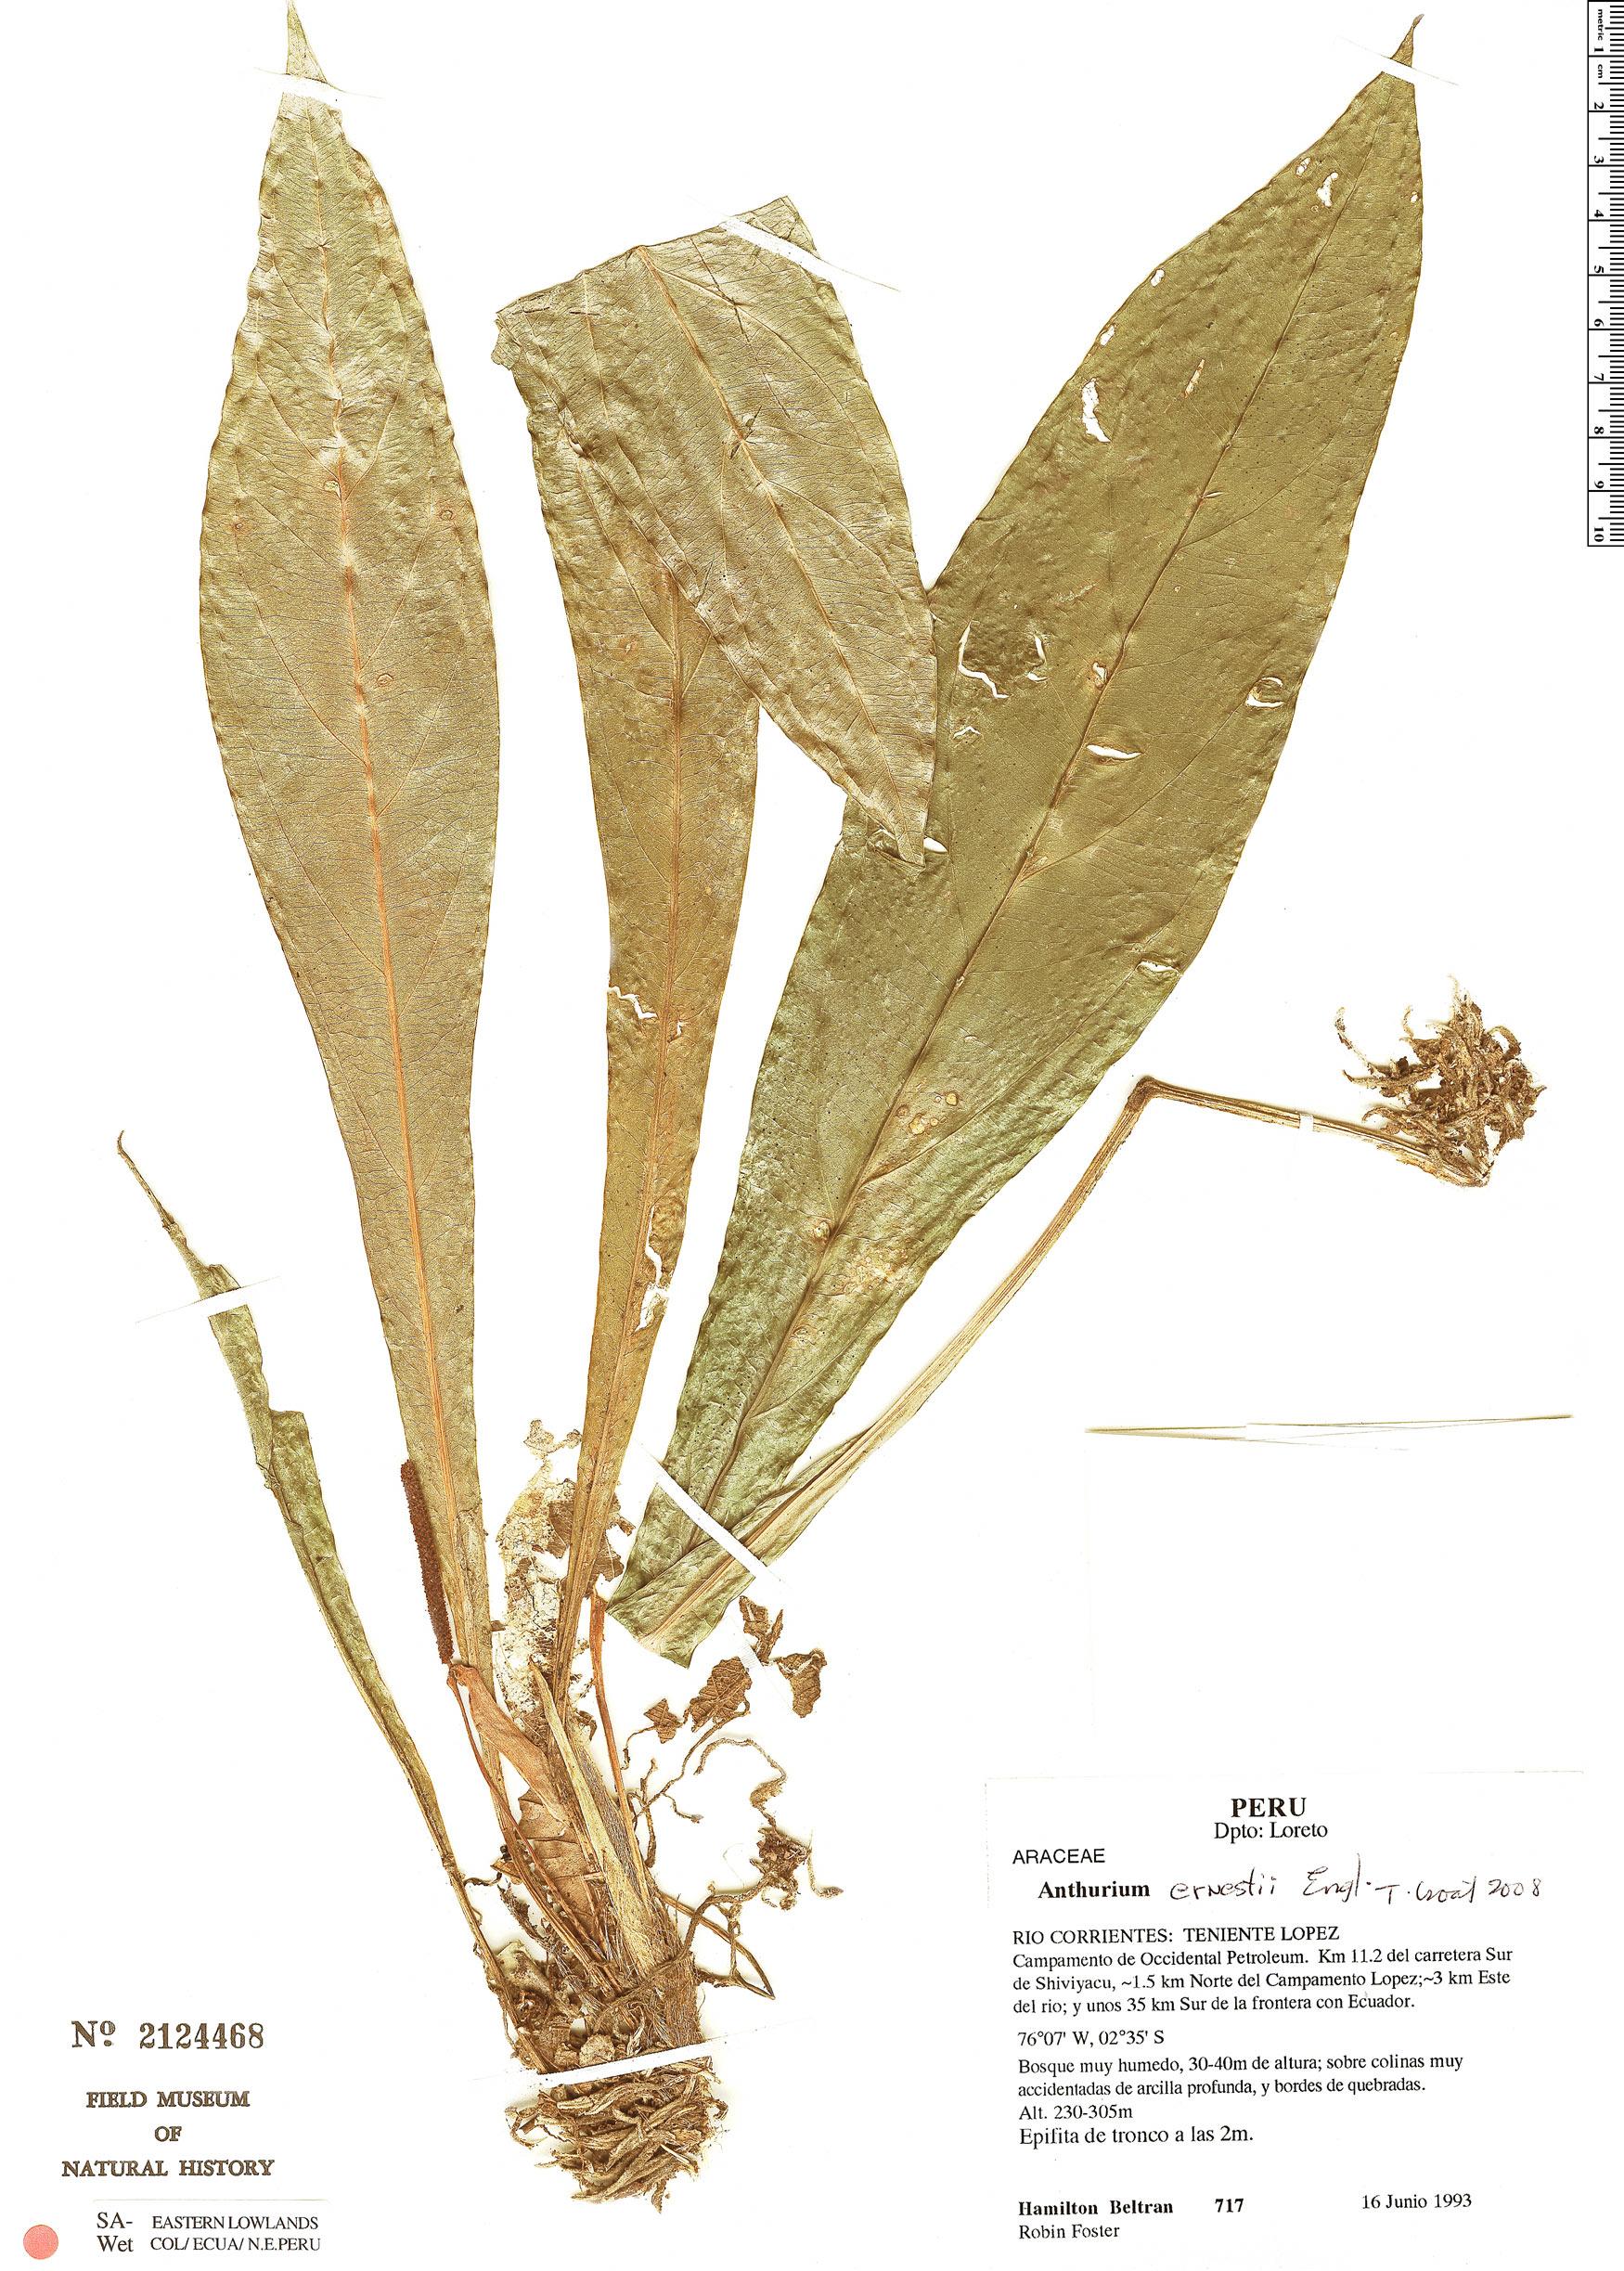 Specimen: Anthurium ernesti